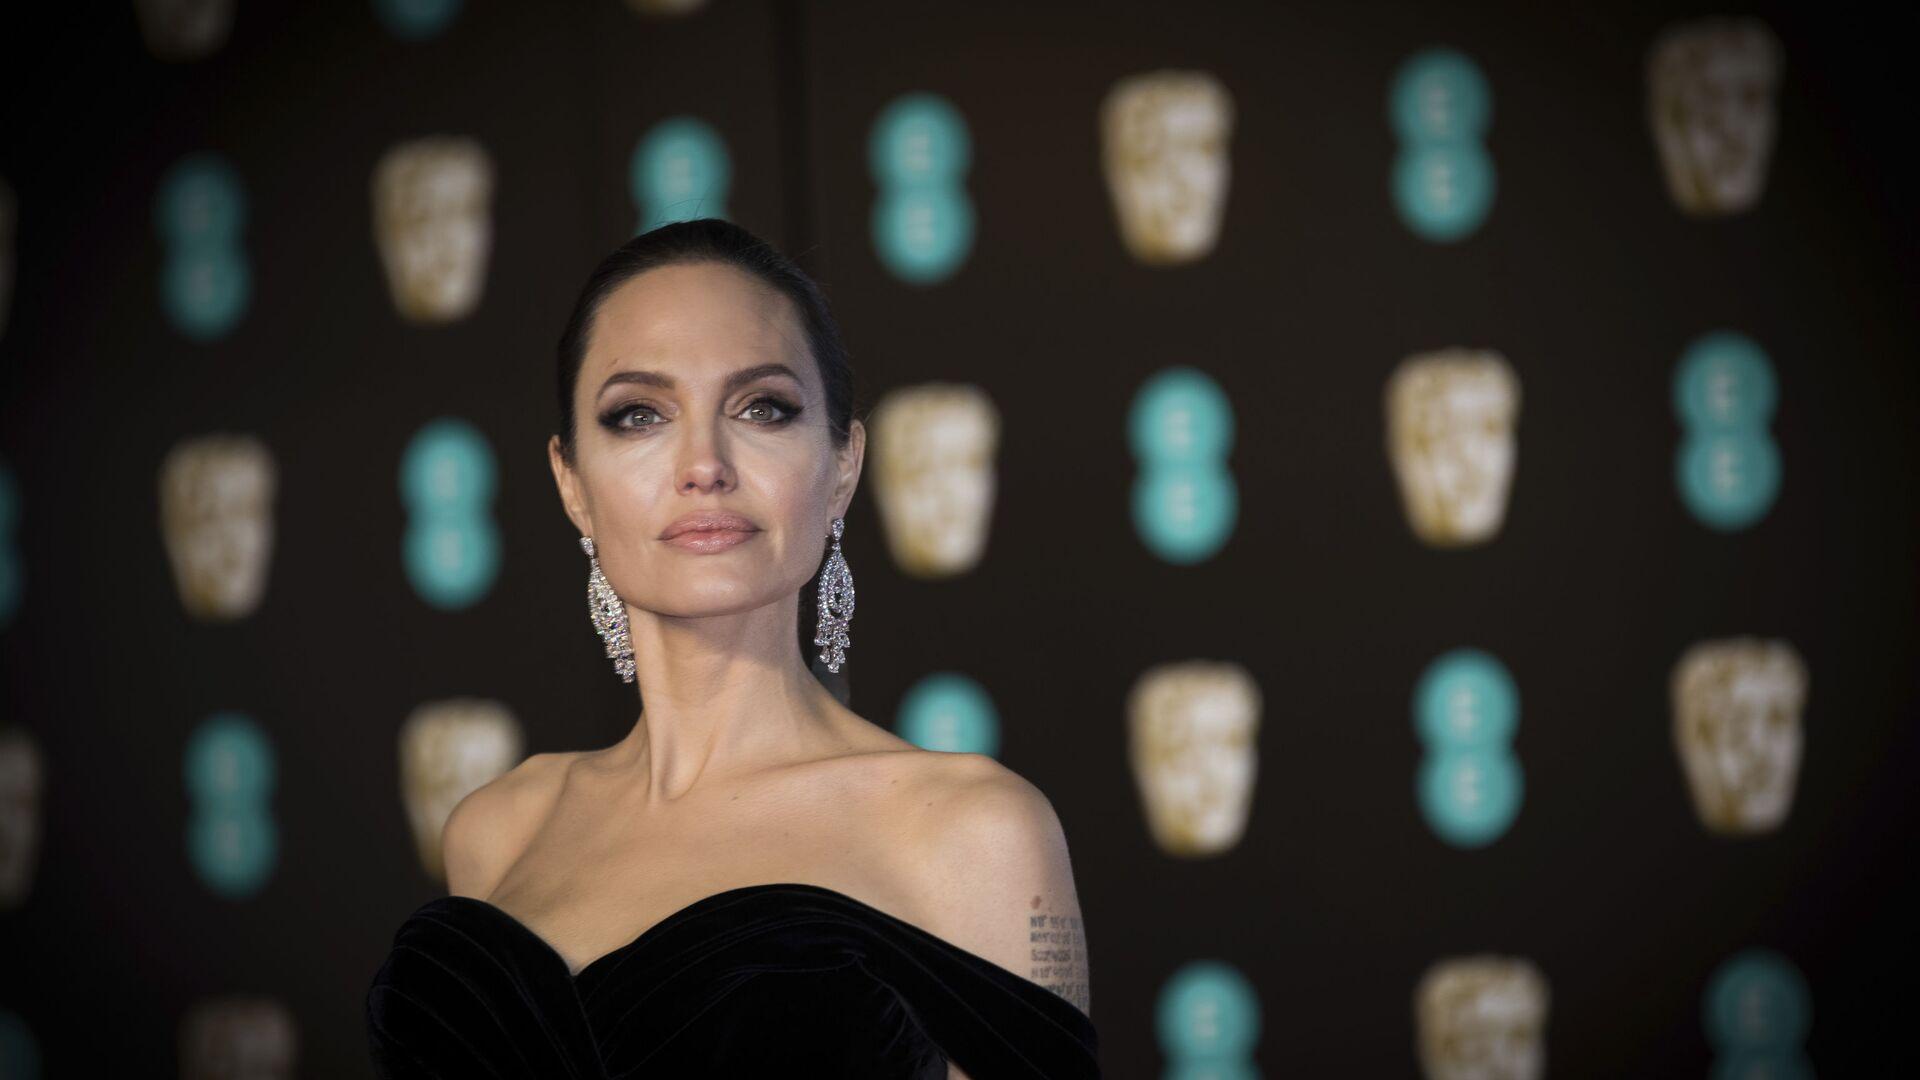 Американская актриса Анджелина Джоли на кинопремии BAFTA в Лондоне - Sputnik Mundo, 1920, 20.06.2021